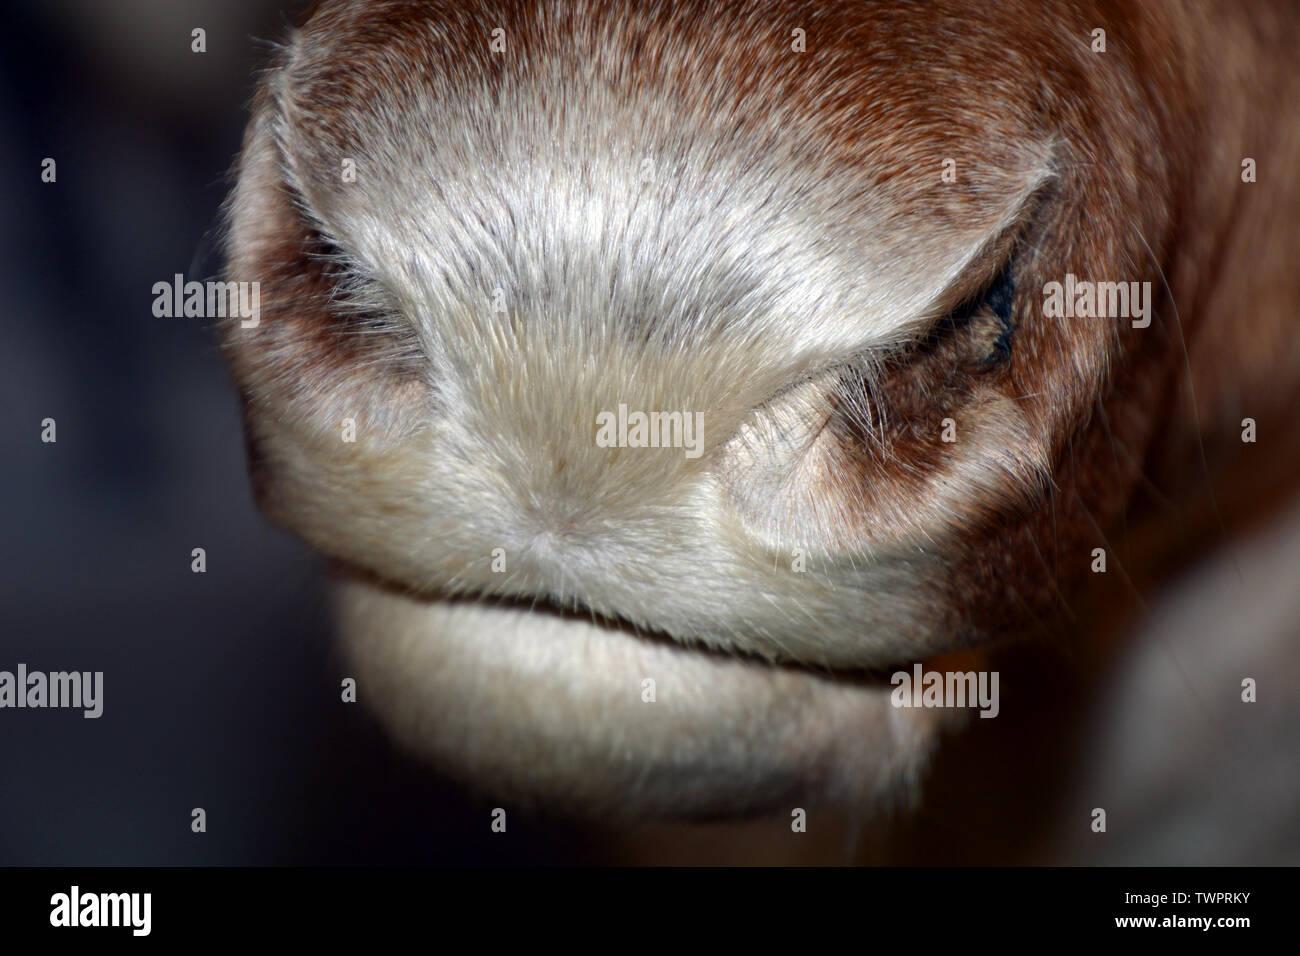 Également appelé renne Rangifer tarandus caribou, macro shot nez le nez et la bouche en Norvège à l'heure d'été Banque D'Images